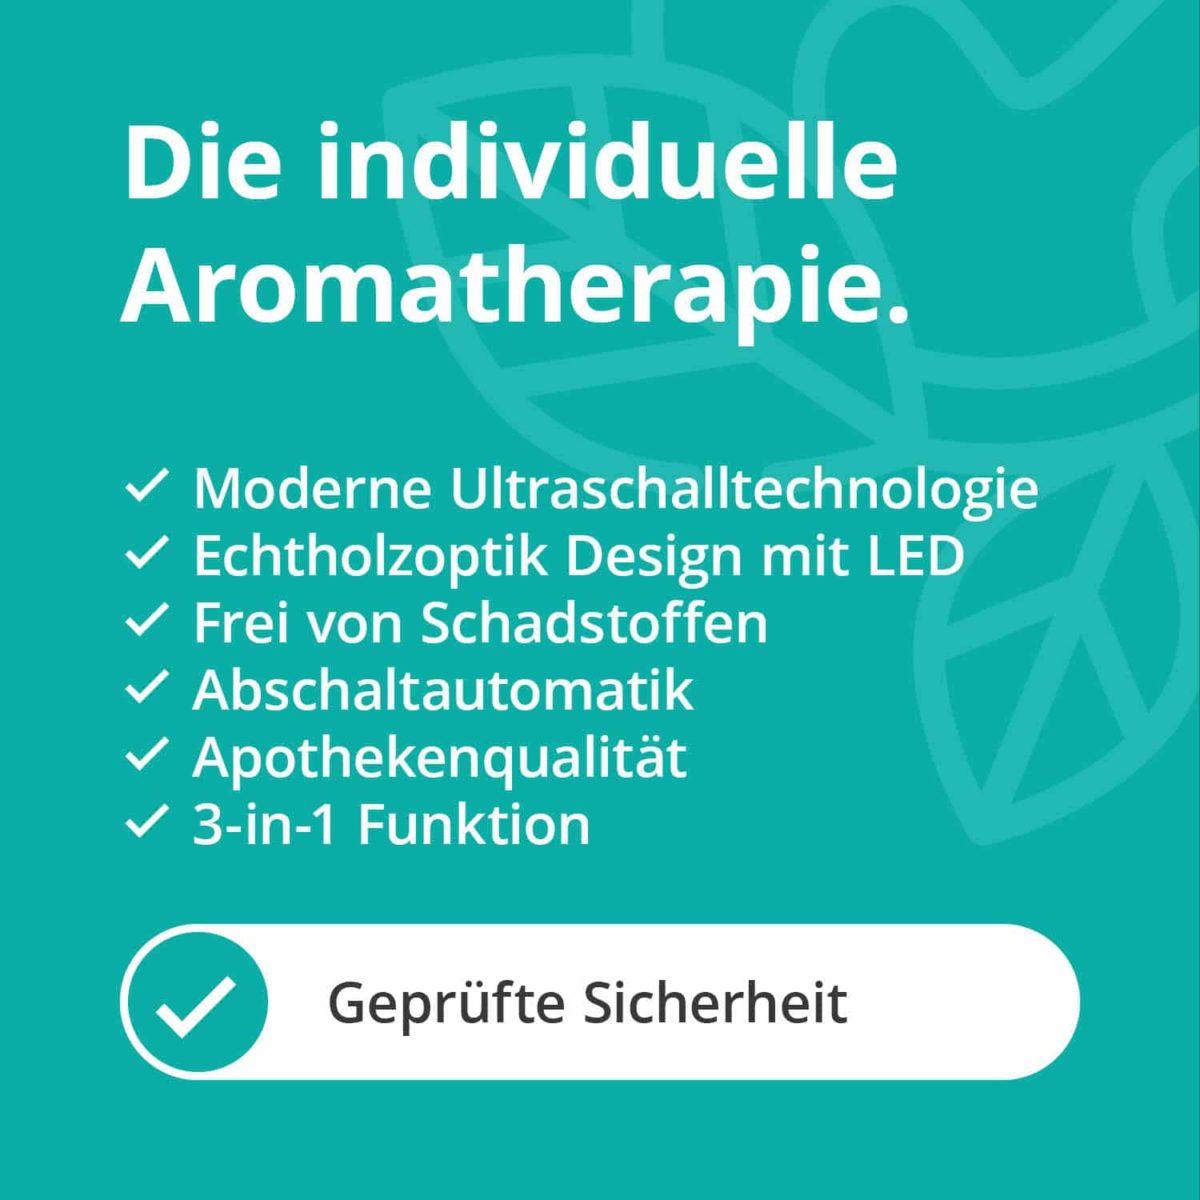 Casida Aroma Diffuser White Hood Wood Print LED-illumination 17179347 PZN Apotheke ätherische Öle Vernebler Aromatherapie Schule Büro Kita5